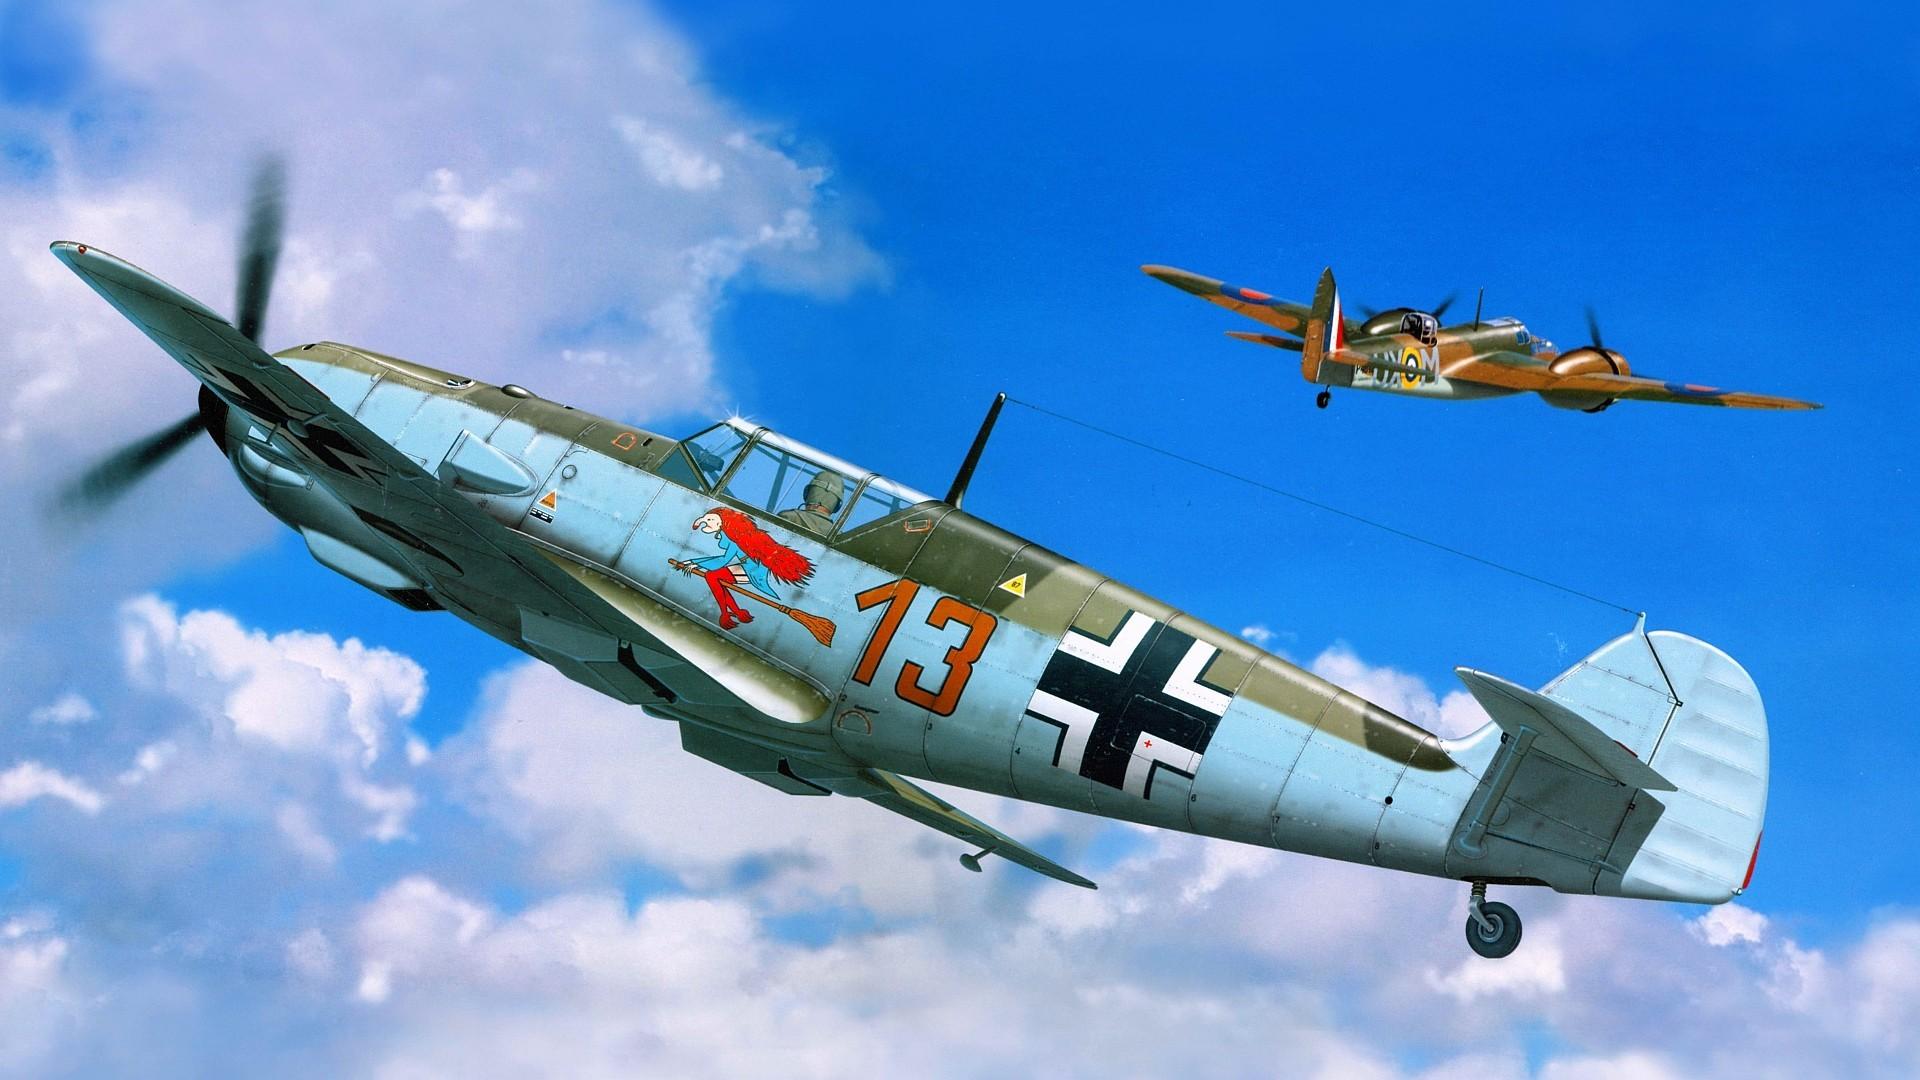 Messerschmitt, Messerschmitt Bf 109, Luftwaffe, Artwork, Military Aircraft, World  War II, Germany Wallpapers HD / Desktop and Mobile Backgrounds